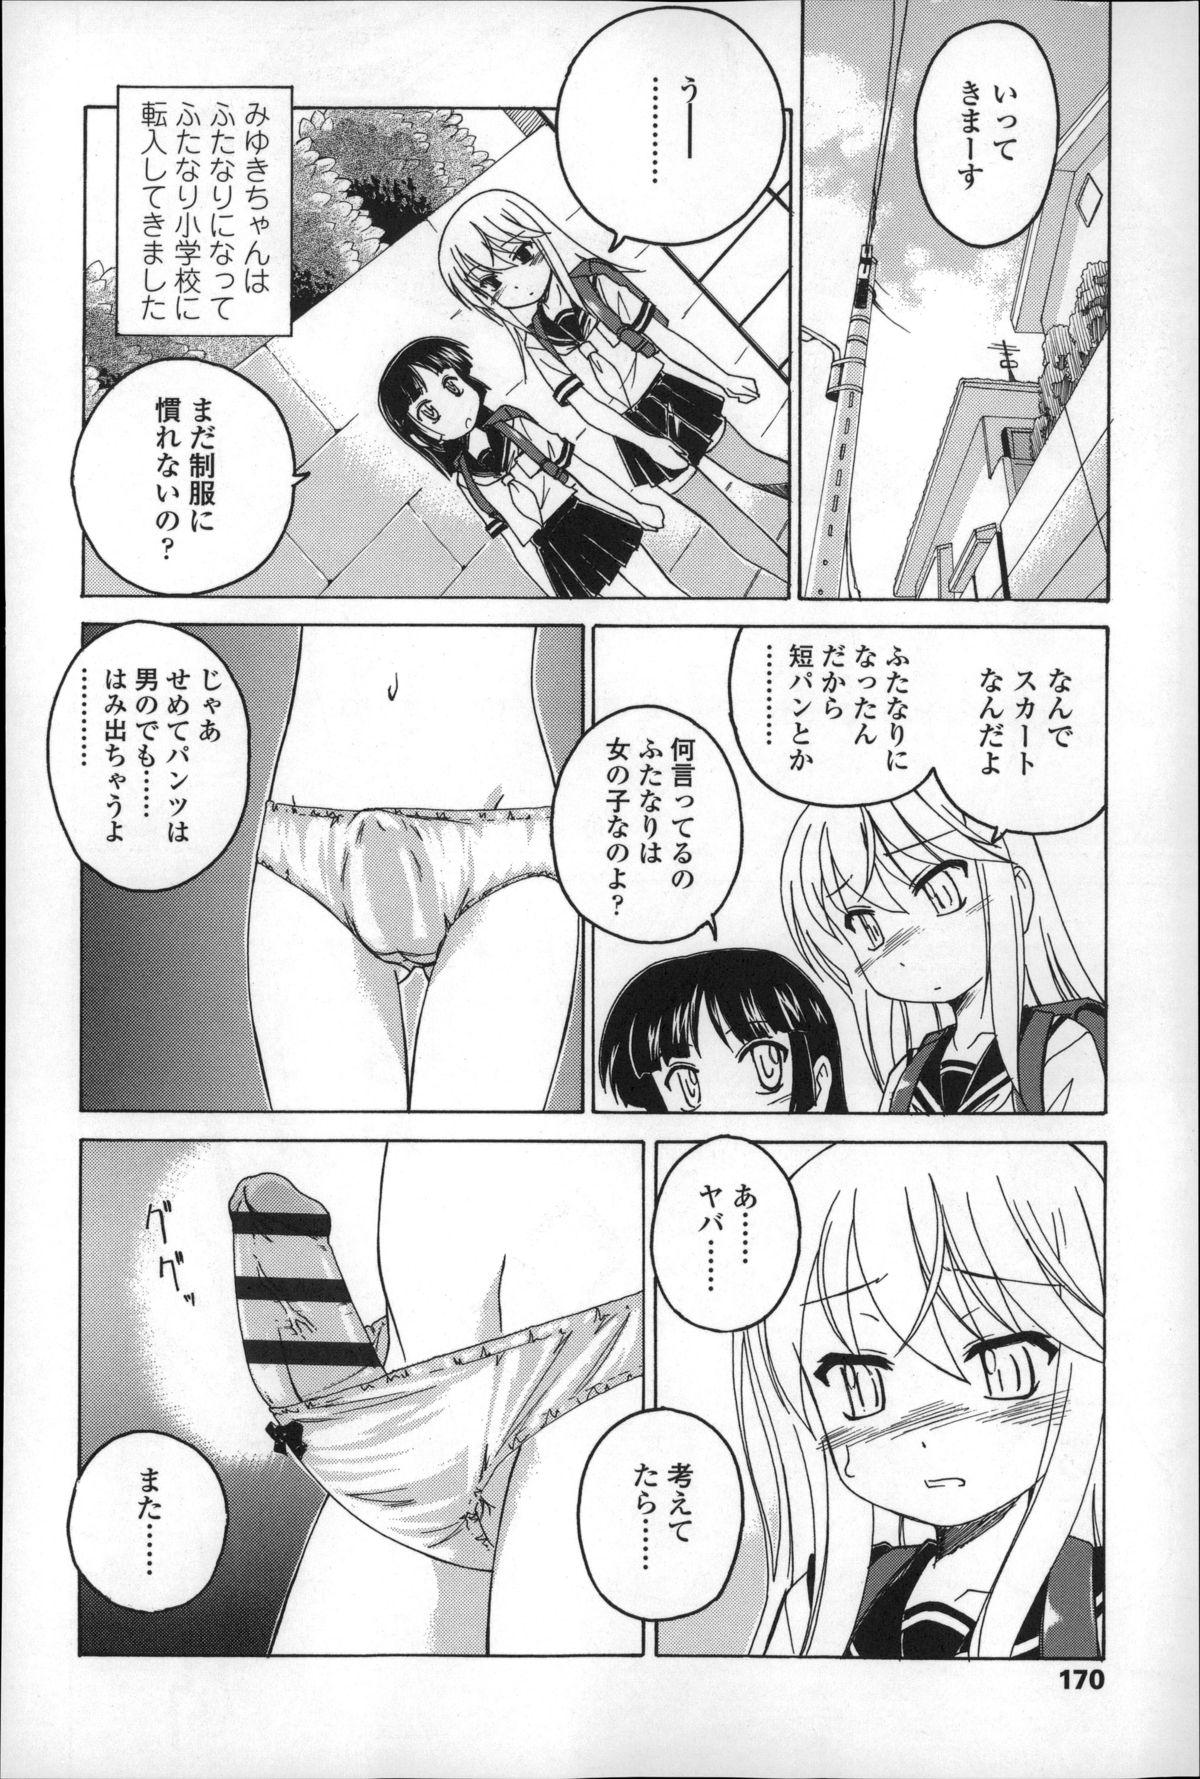 Youshou no Hana no Himitsu - The secret of Girls flowers 173